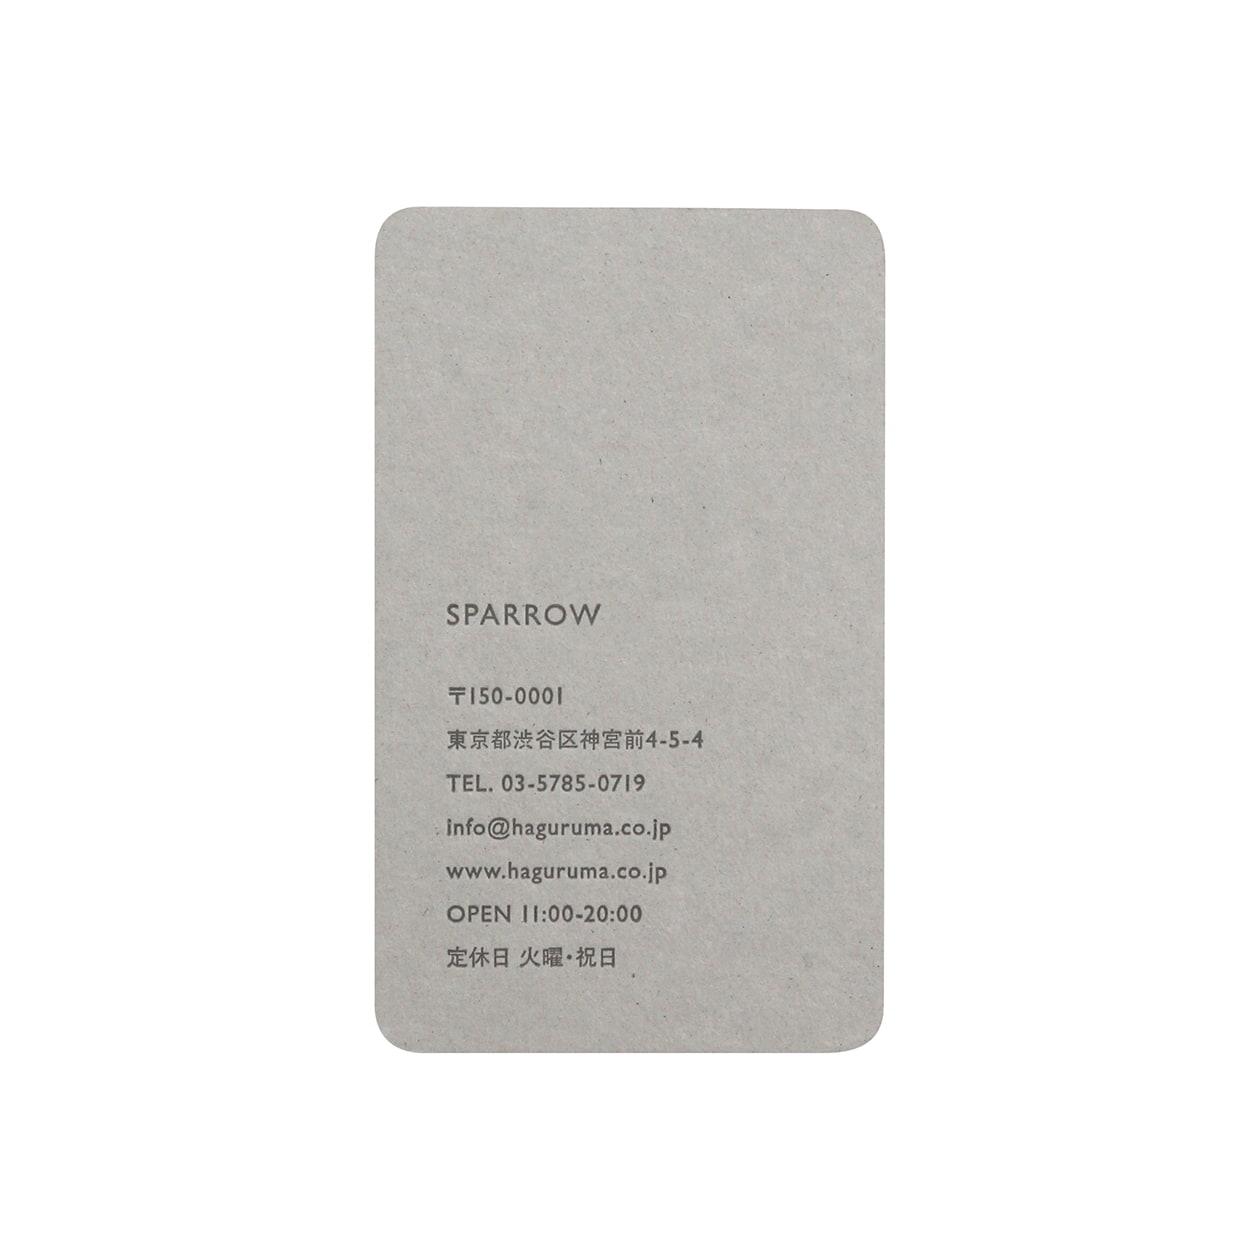 サンプル カード・シート 00229